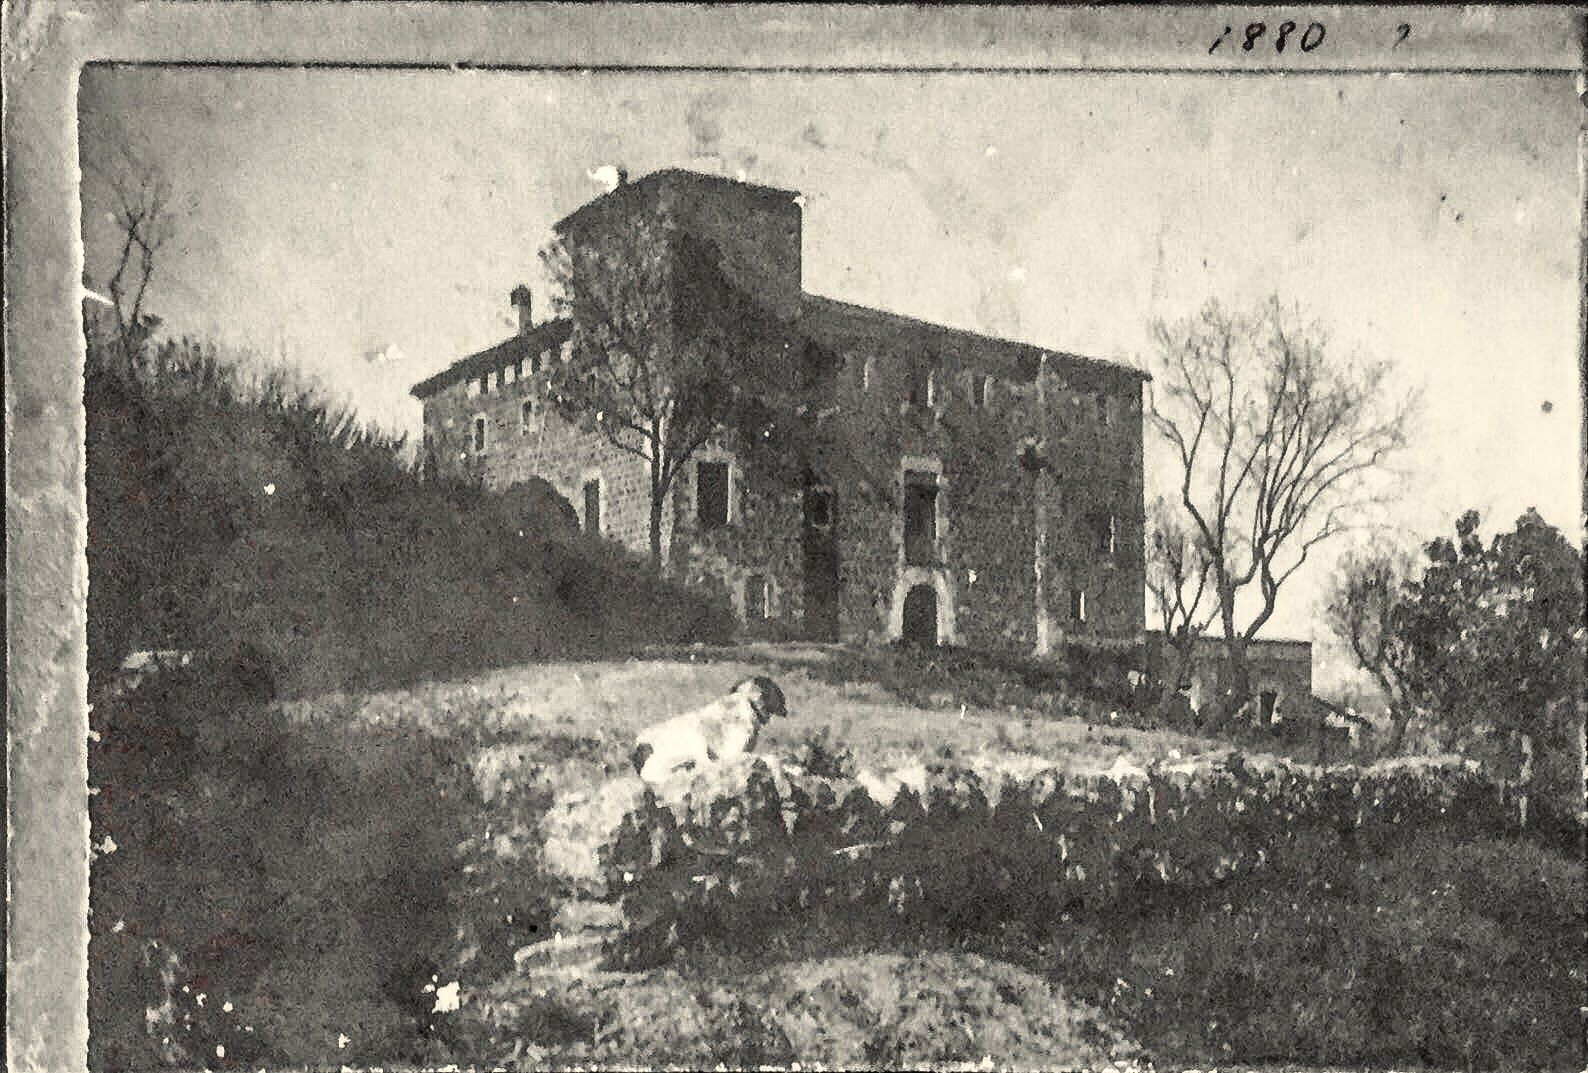 Imatges antigues de la masia de Torre Negra. FOTOS: Cedides per la família